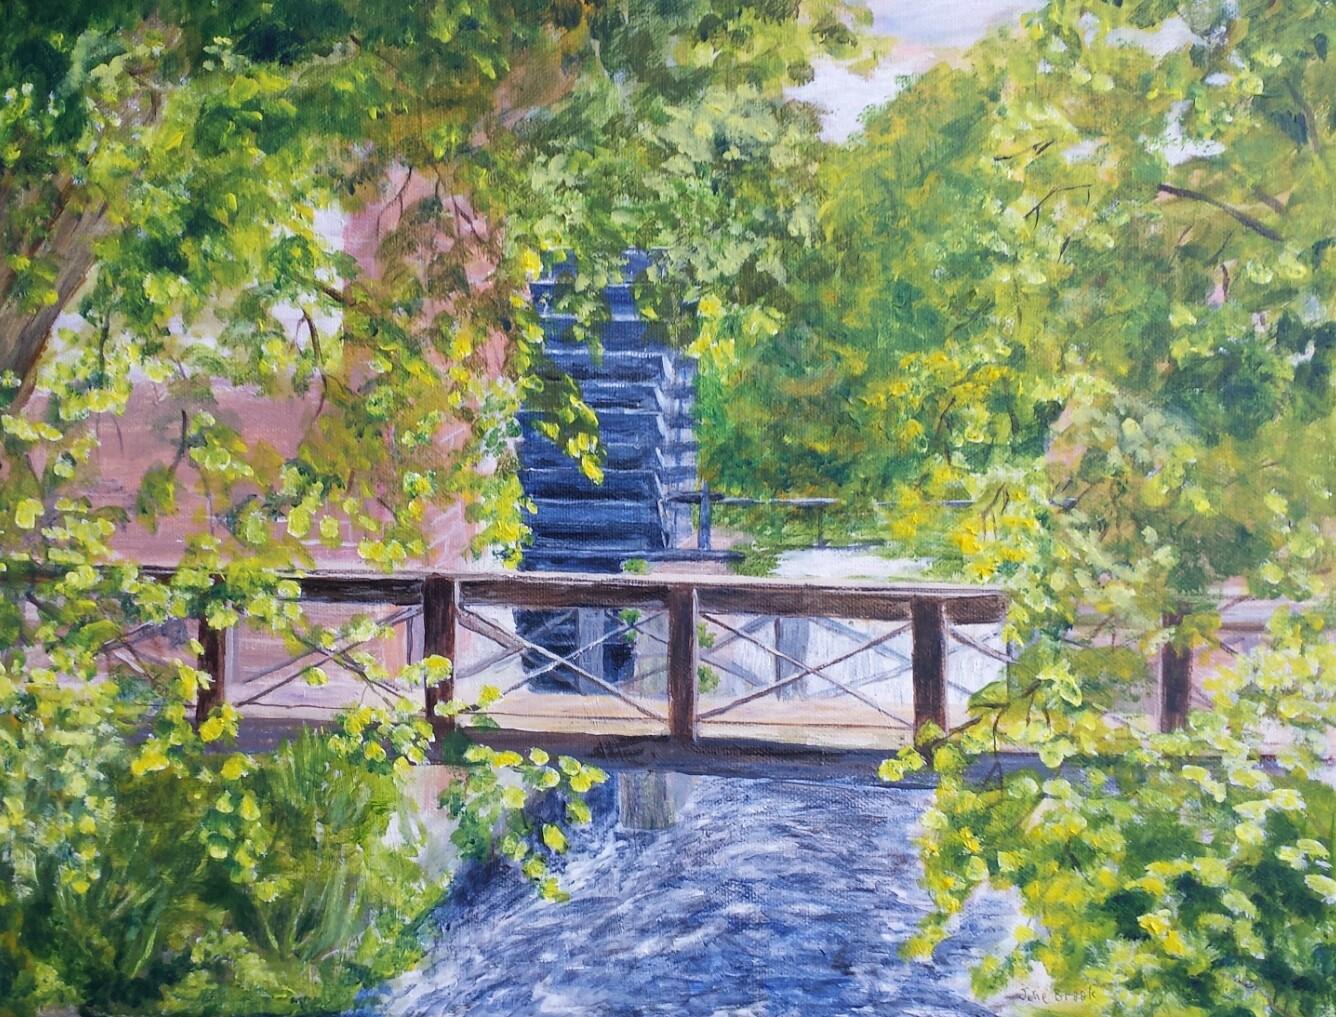 Waterwheel, Morden Hall Park